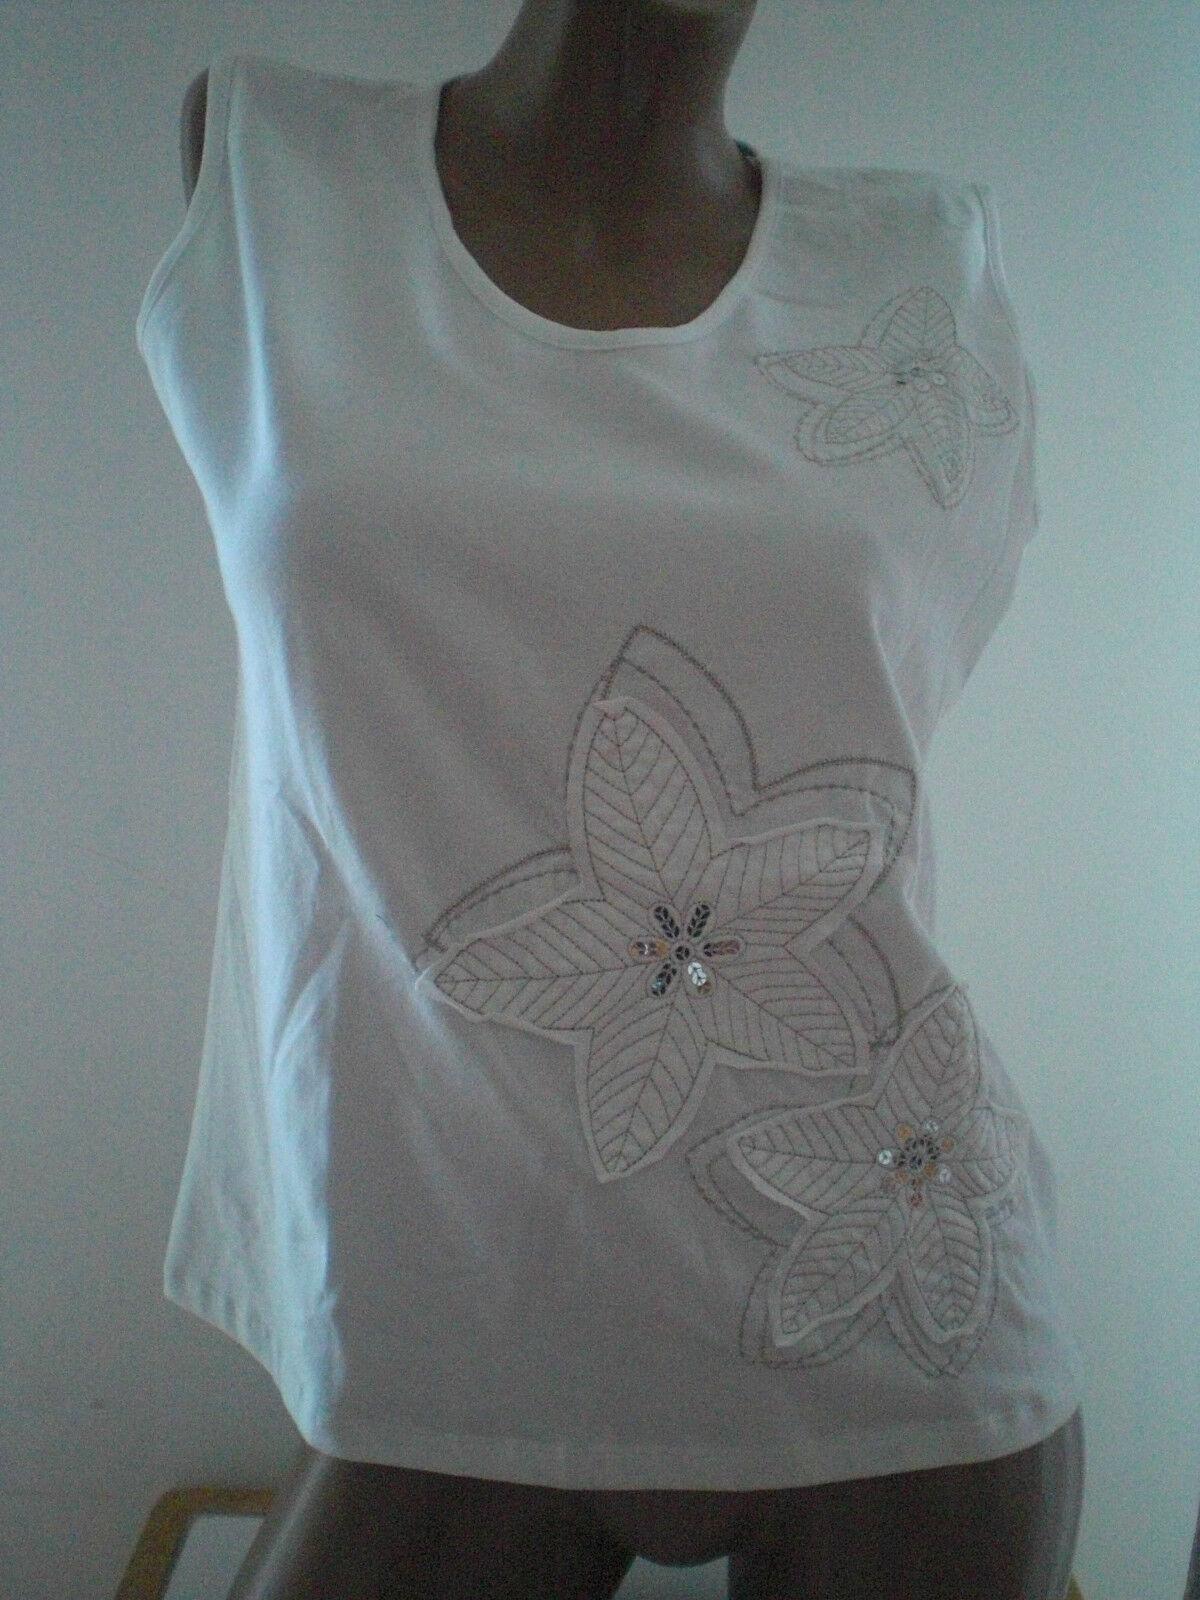 T-shirt Frau Größe 46 Neue Hemd Frau REF. 23 | Garantiere Qualität und Quantität  | Gewinnen Sie hoch geschätzt  | Wir haben von unseren Kunden Lob erhalten.  | Vielfältiges neues Design  | Online Kaufen